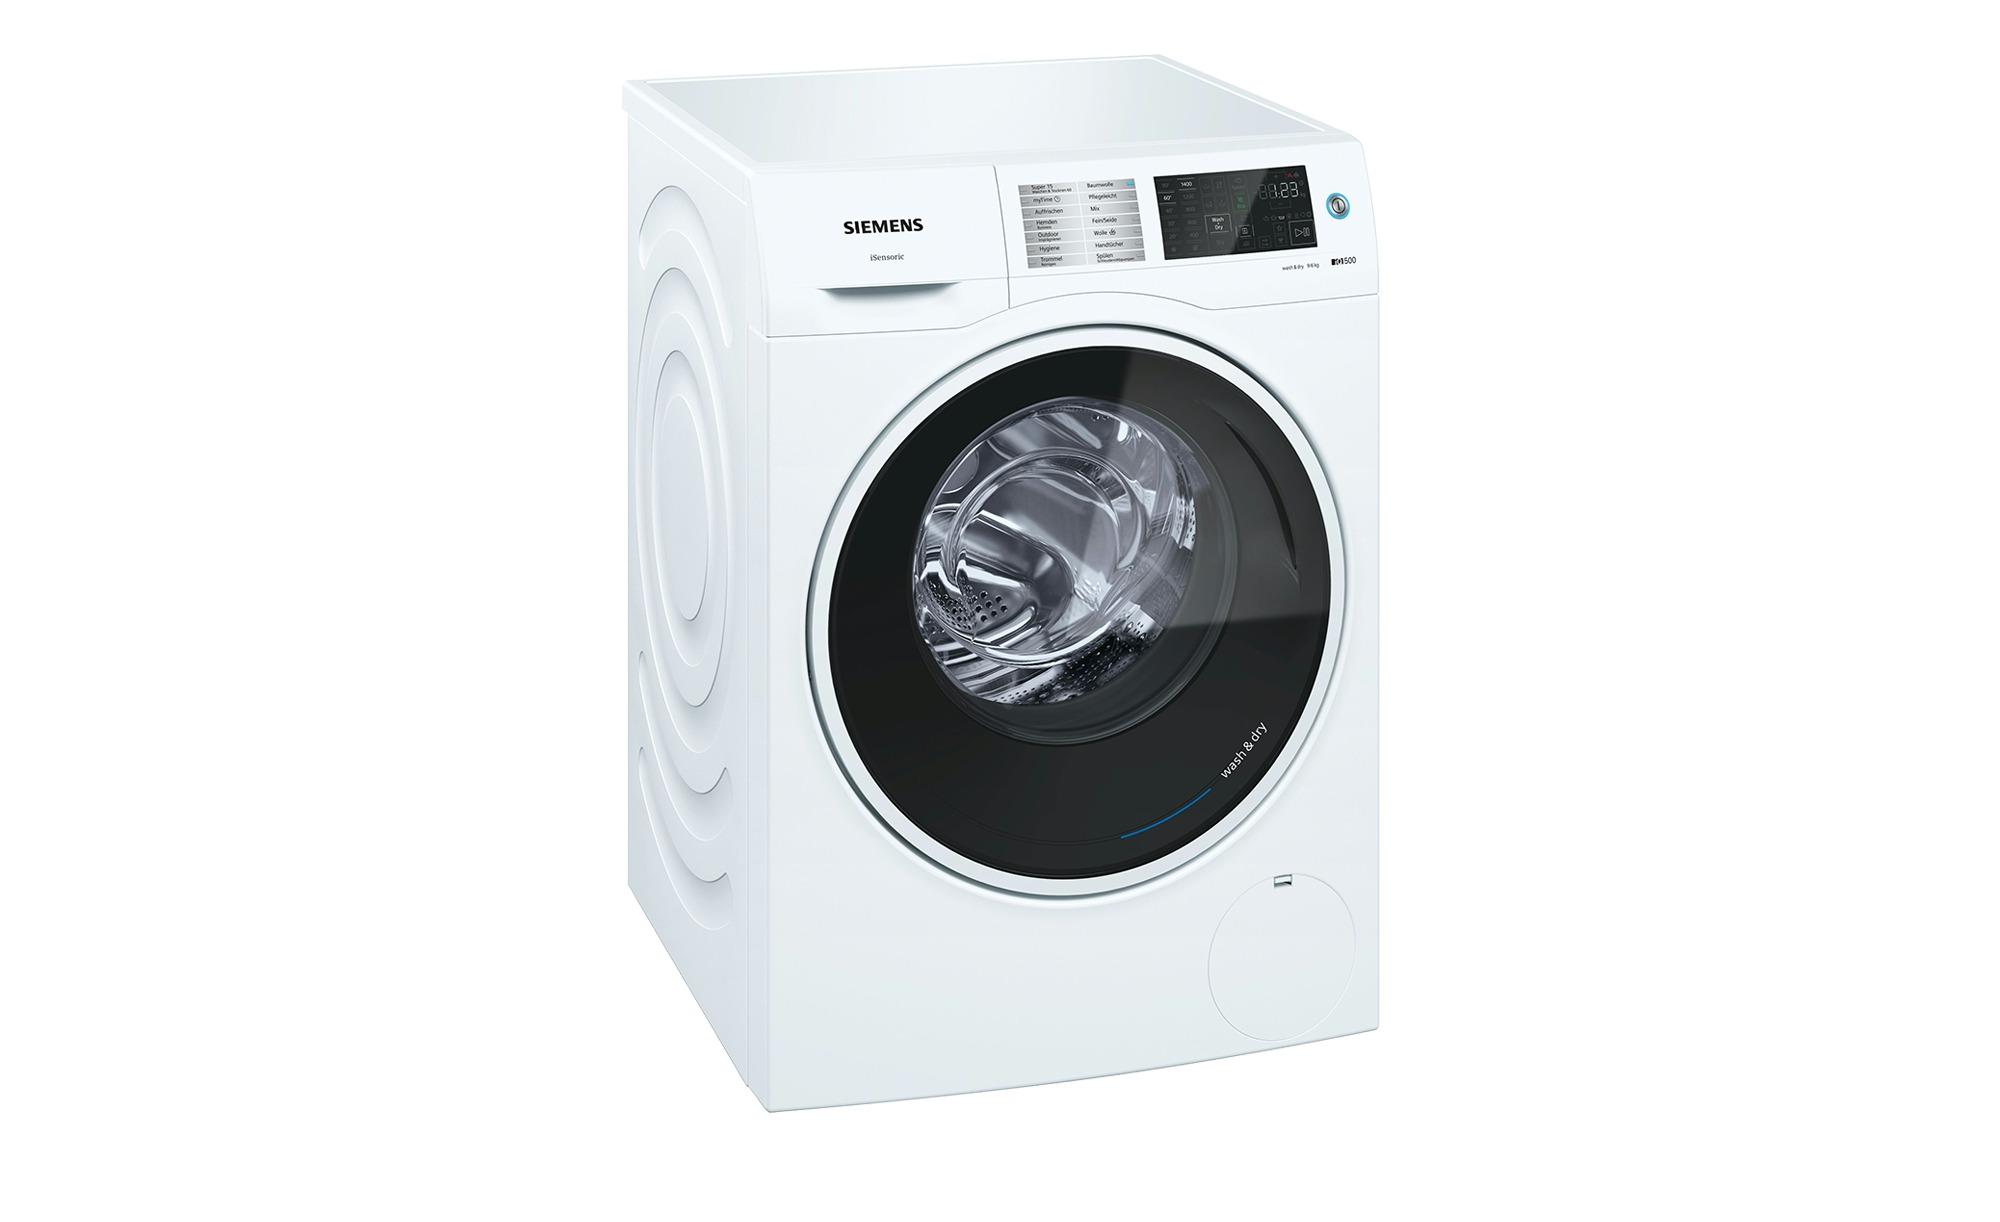 SIEMENS Waschtrockner  WD14U540 - weiß - Metall-lackiert, Kunststoff - 59,8 cm - 84,8 cm - 62 cm - Elektrogeräte > Waschtrockner - Möbel Kraft | Bad > Waschmaschinen und Trockner > Waschtrockner | SIEMENS